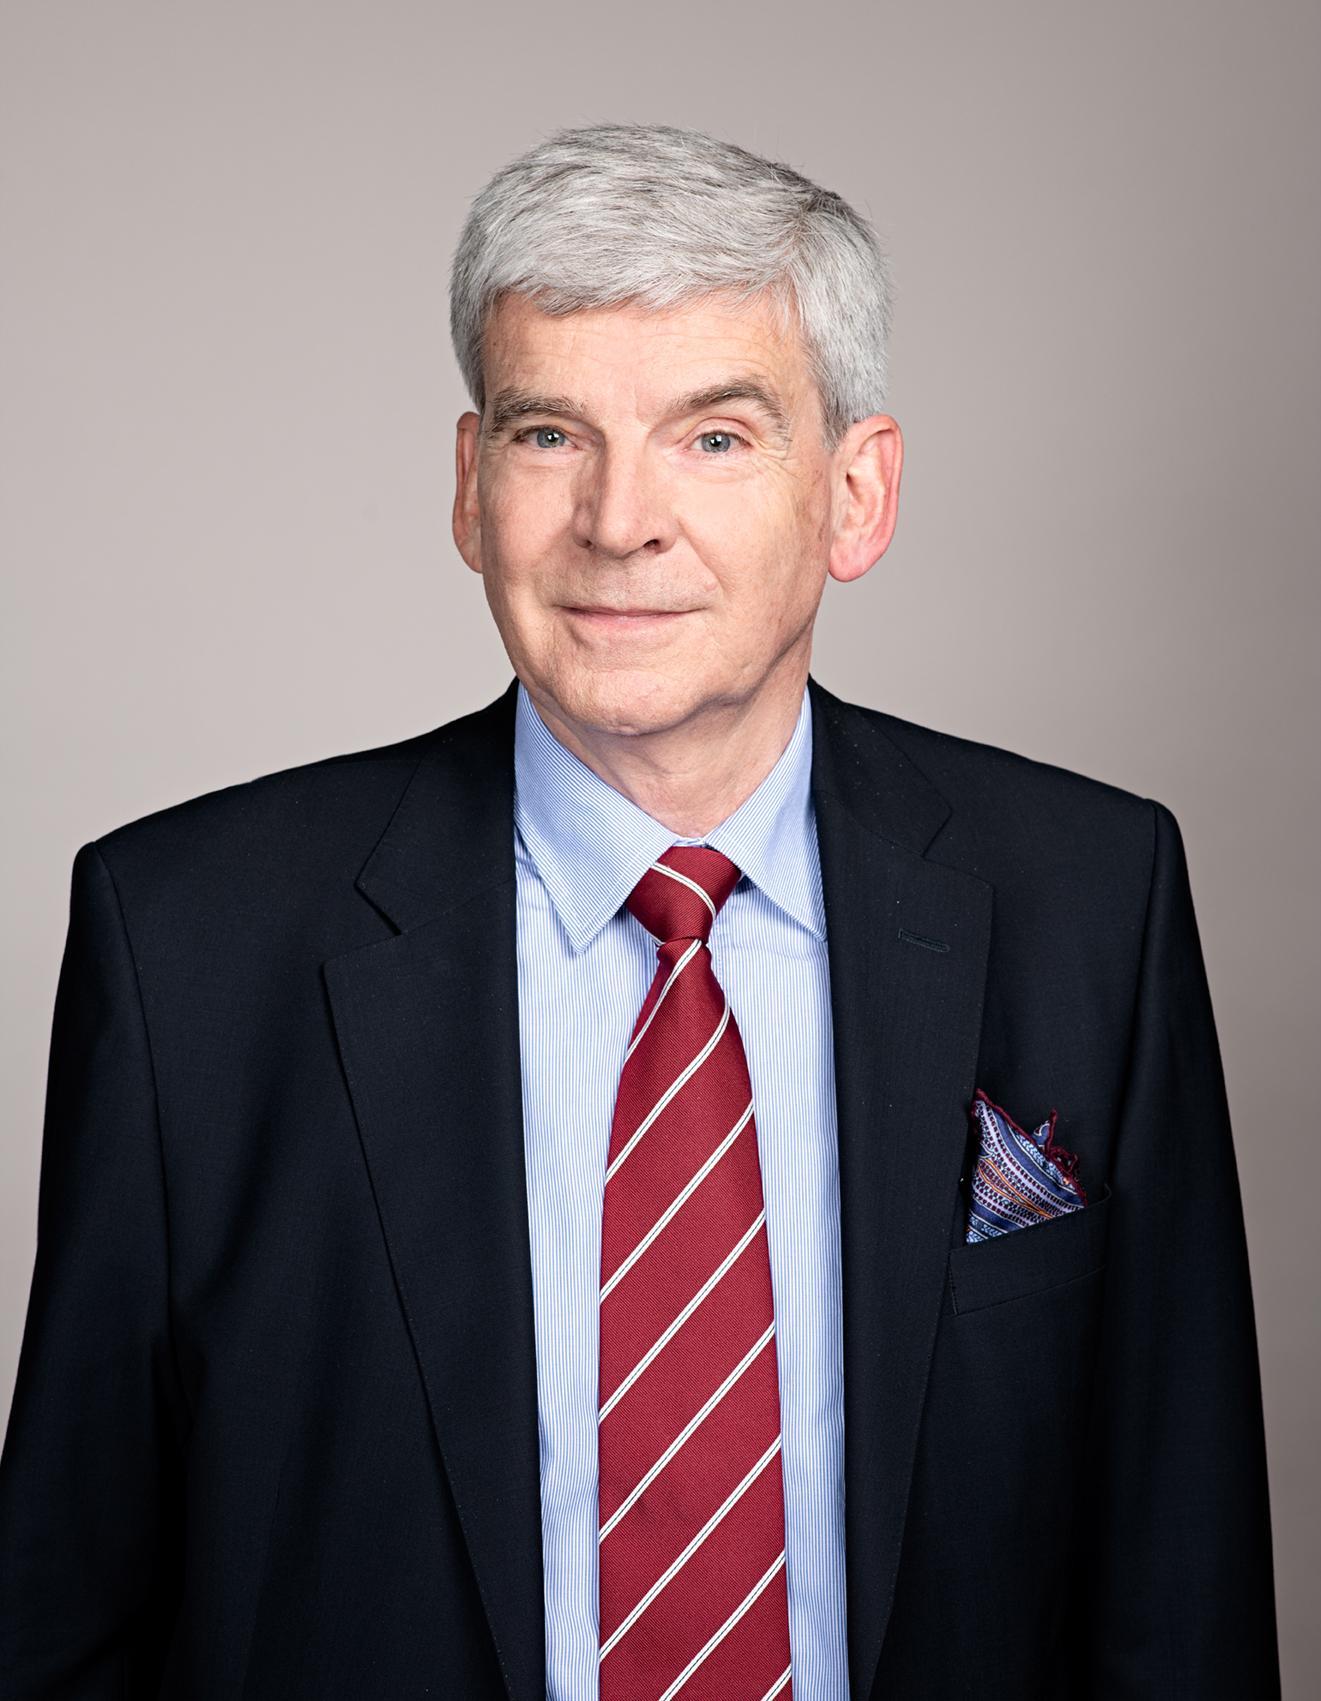 Peter von Czettritz